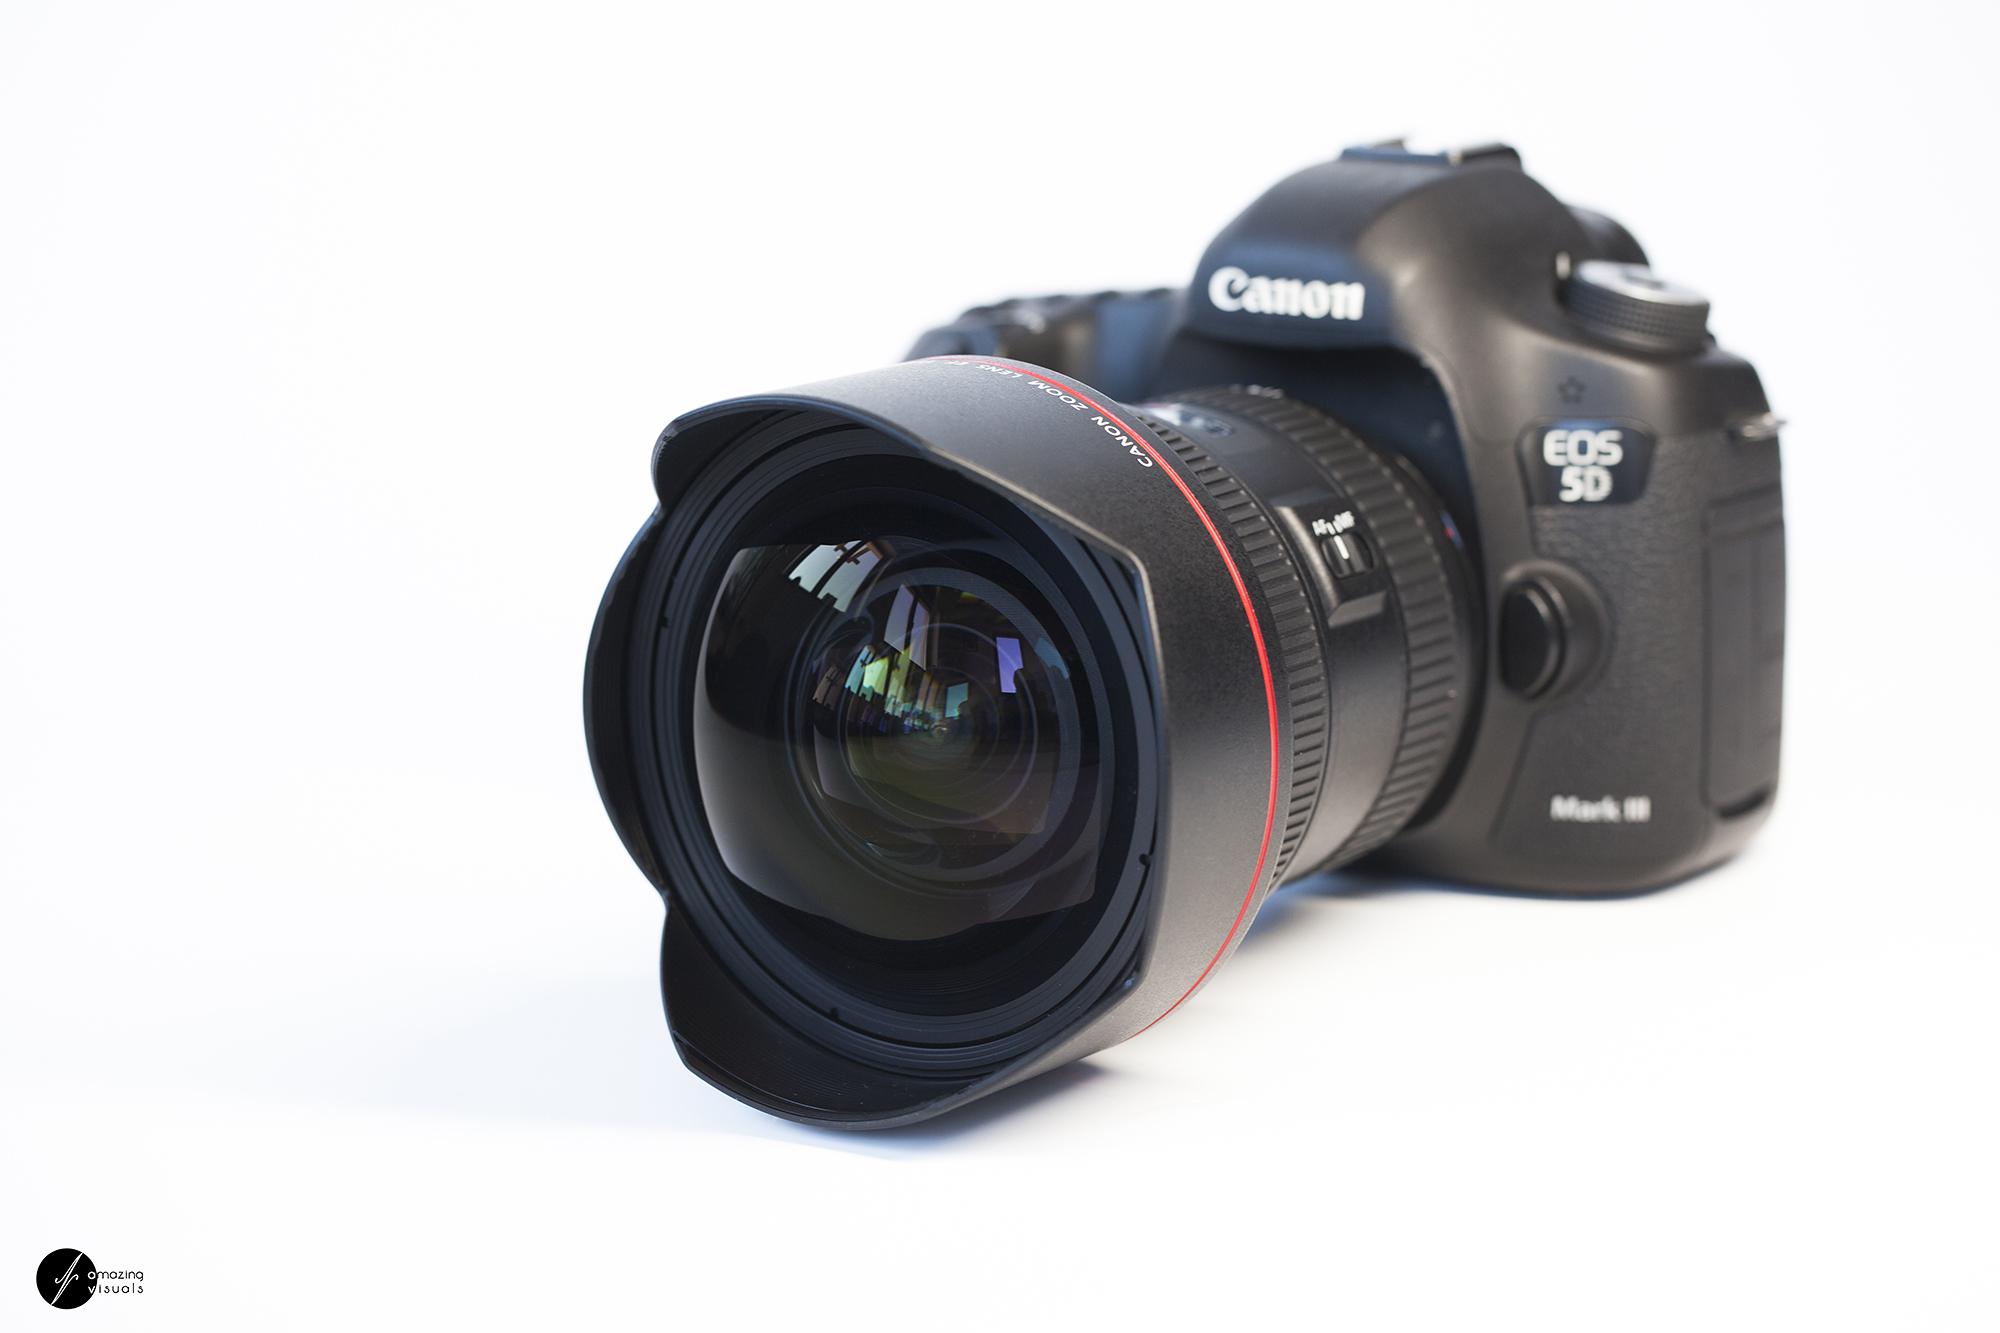 lumea-devine-un-loc-mai-mare-review-canon-11-24mm-f4-l-cover